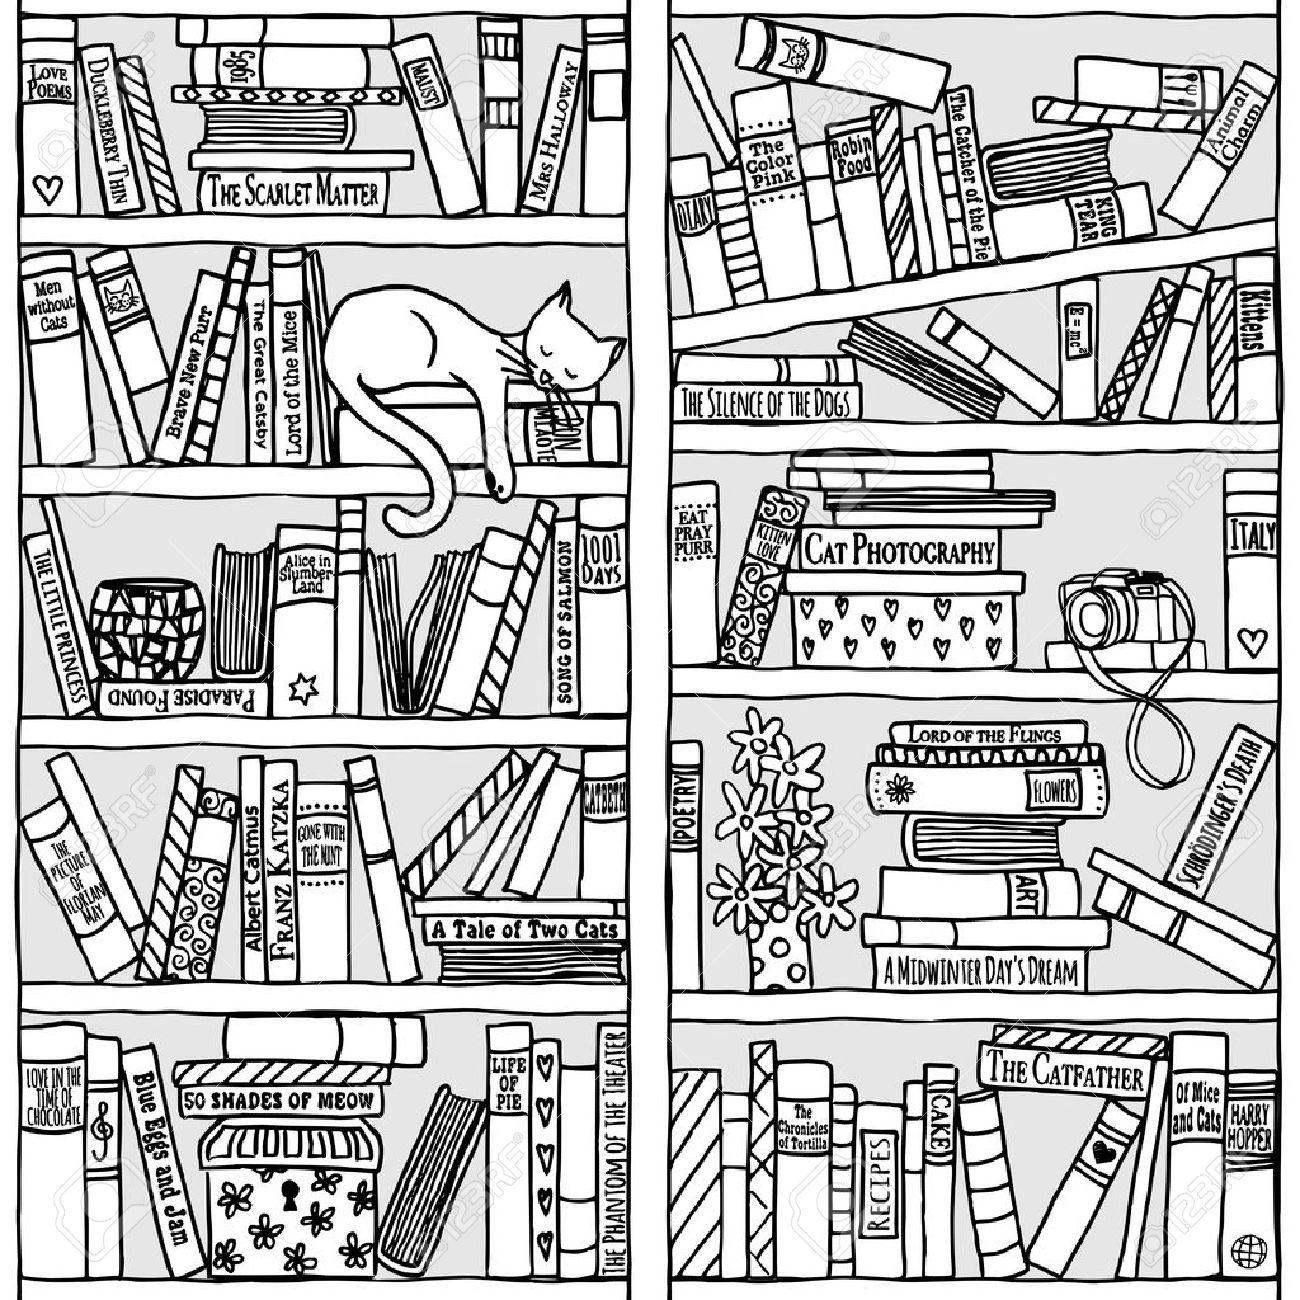 Bücherregal gezeichnet  Hand Gezeichnet Bücherregal Mit Schlafenden Katze - Schwarz Und ...